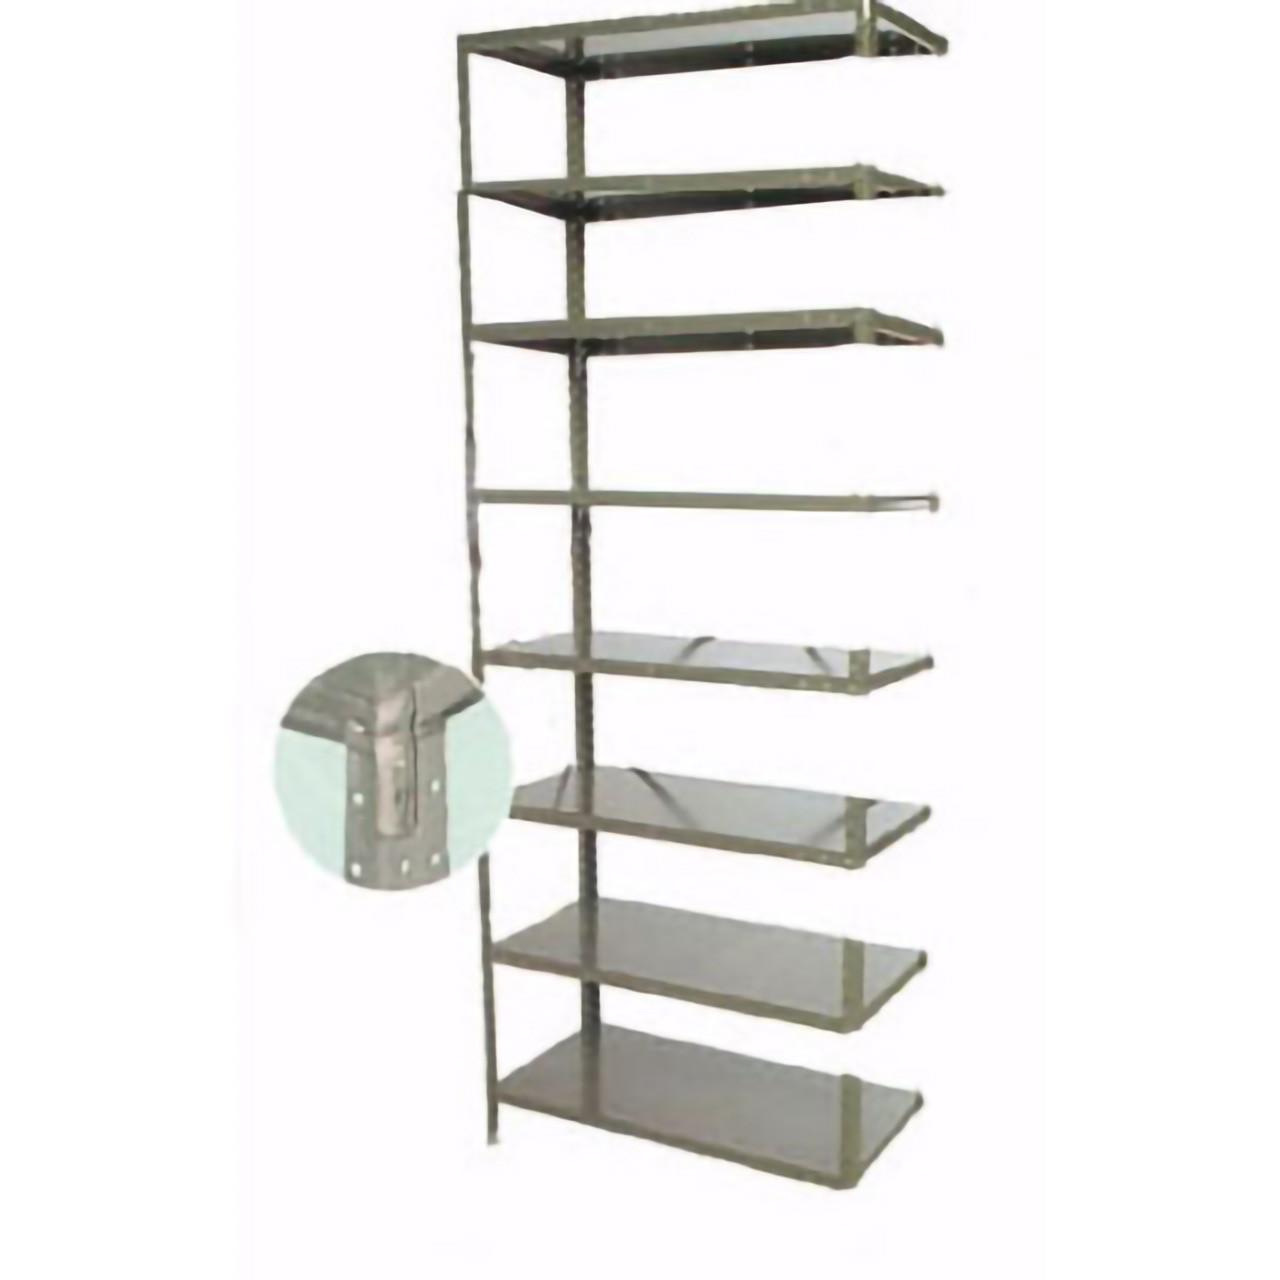 Heavy Duty Steel Shelving Adders